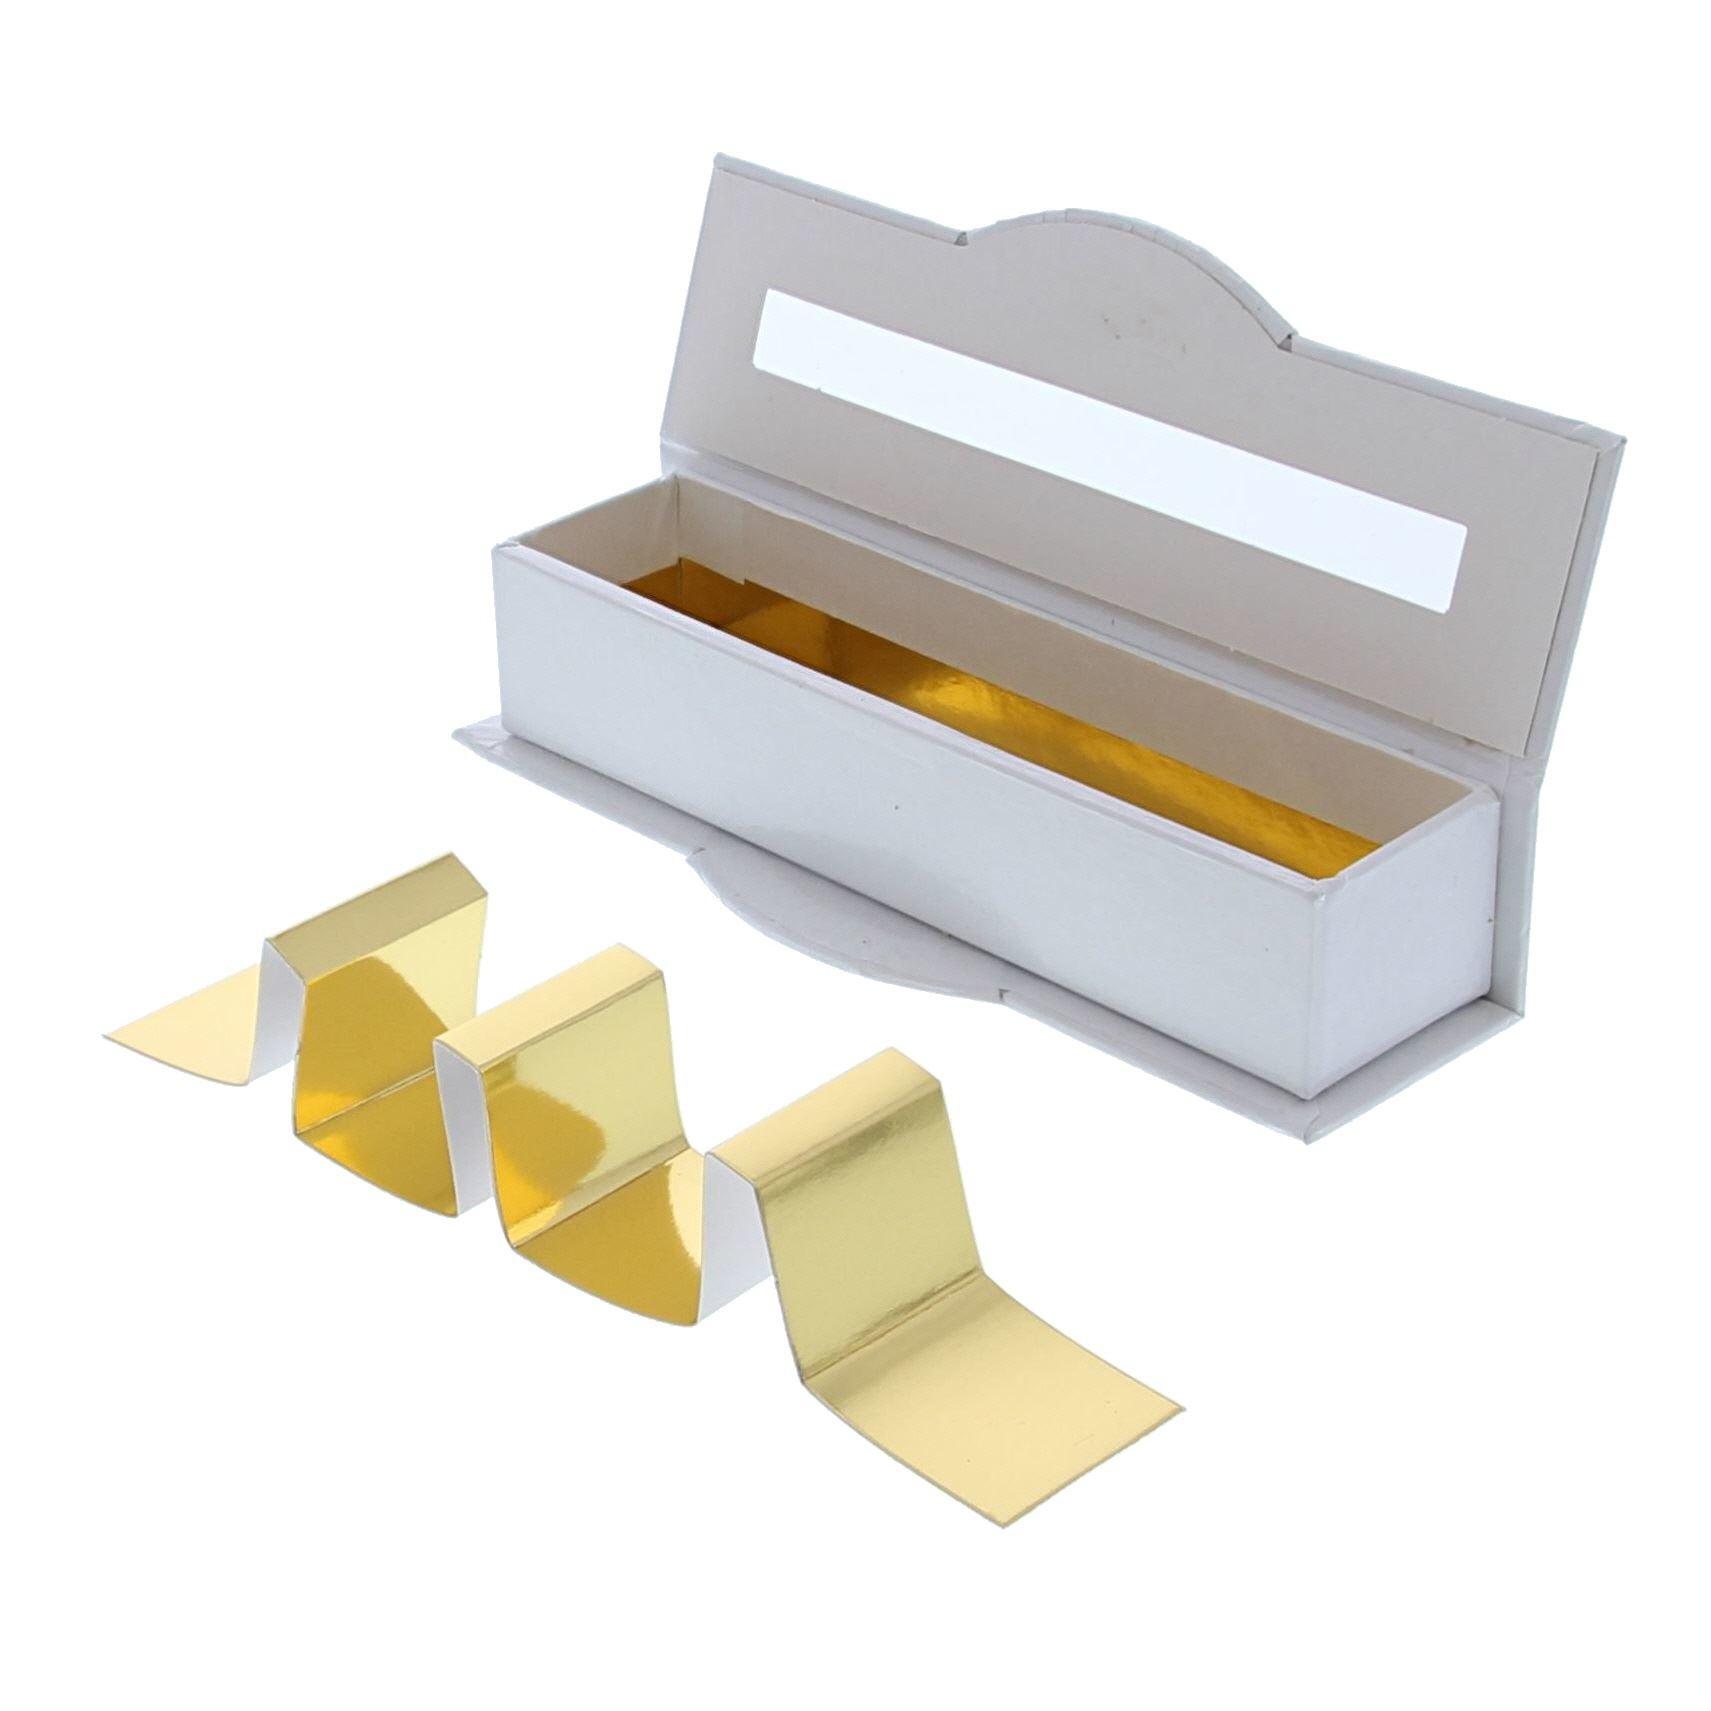 Venster doos 4 pralines Wit- 55 * 170 *40 mm - 20 stuks